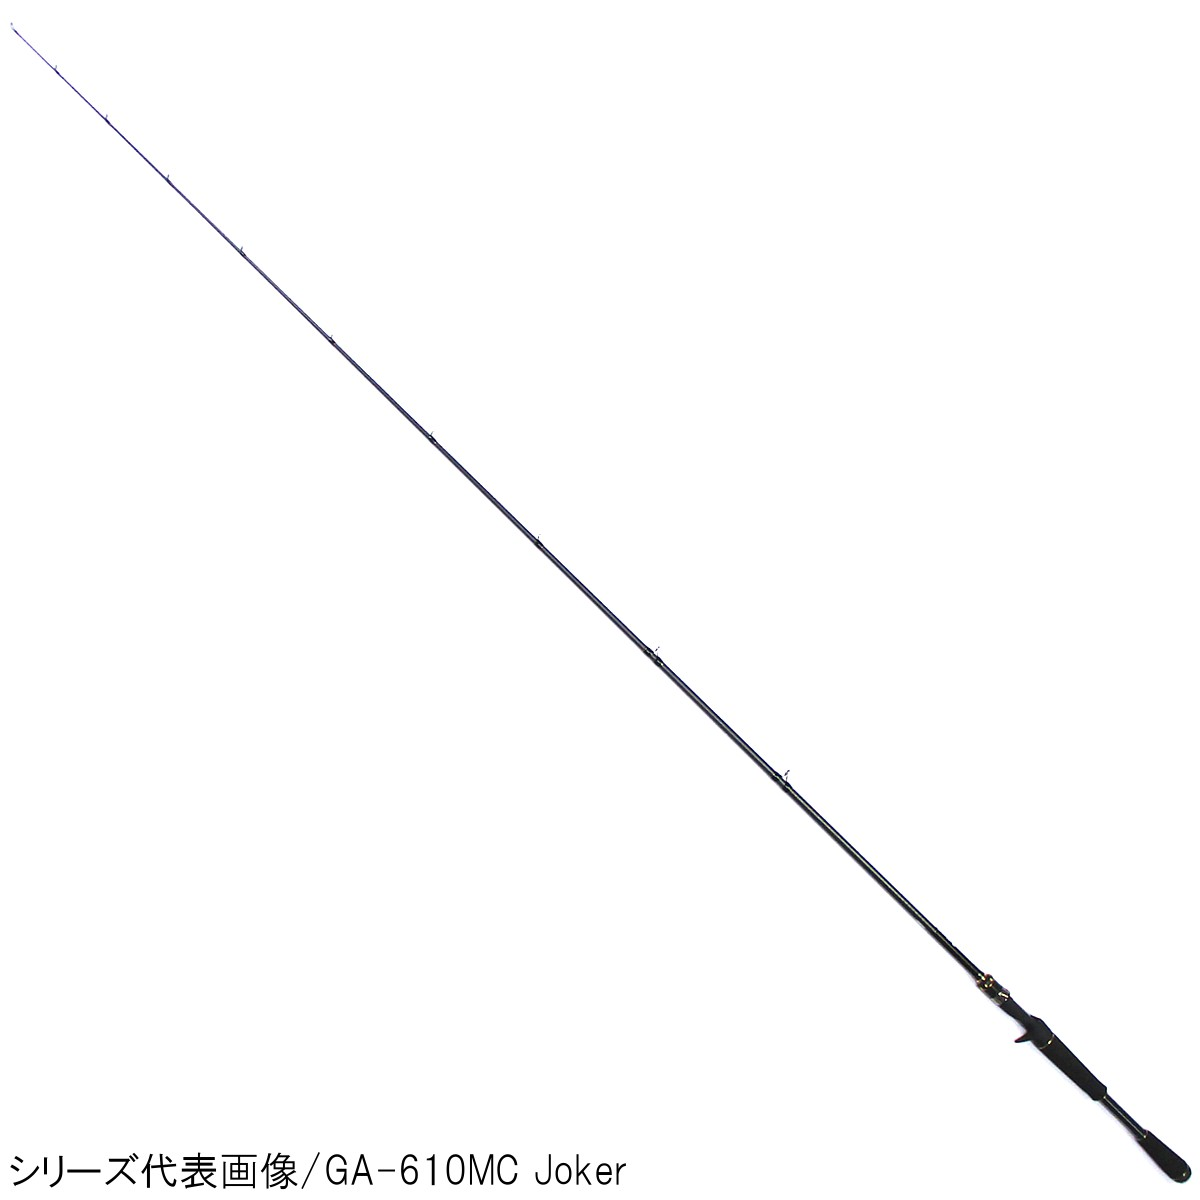 レイドジャパン GLADIATOR Anti GA-611HC Blaster【大型商品】